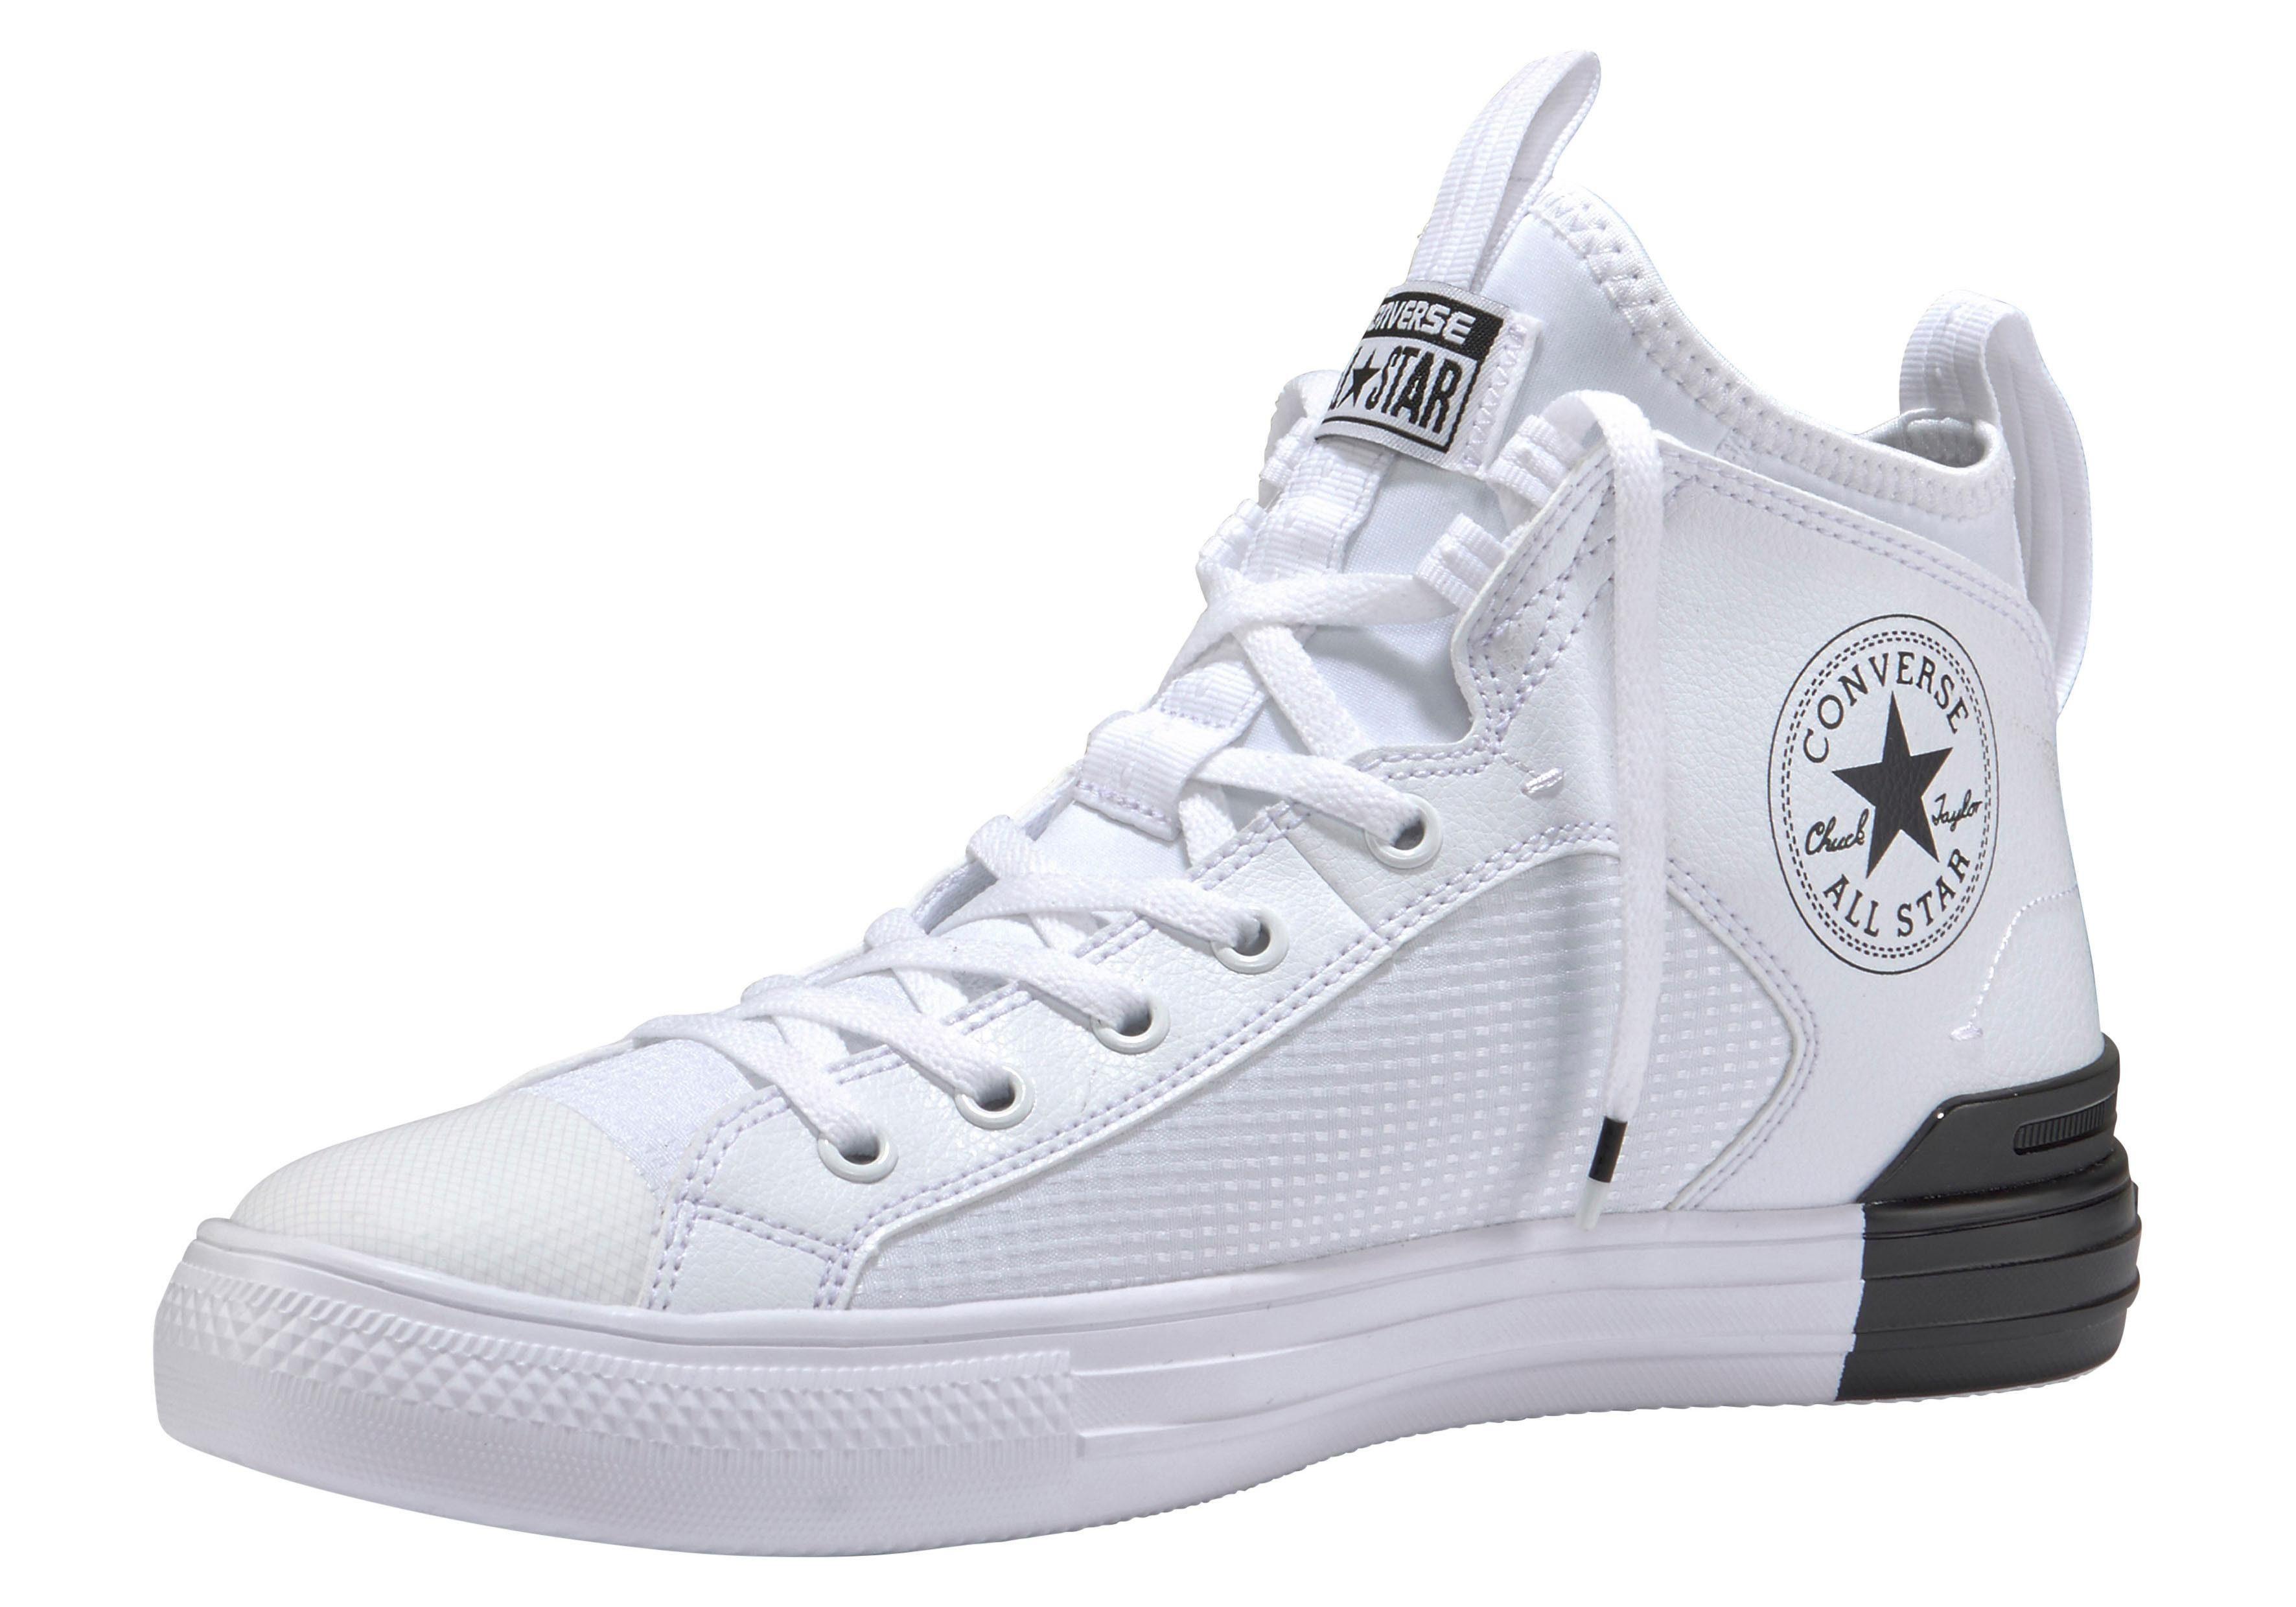 Converse Chuck Taylor All Star Ultra Light Mid Sneaker online kaufen  weiß-schwarz